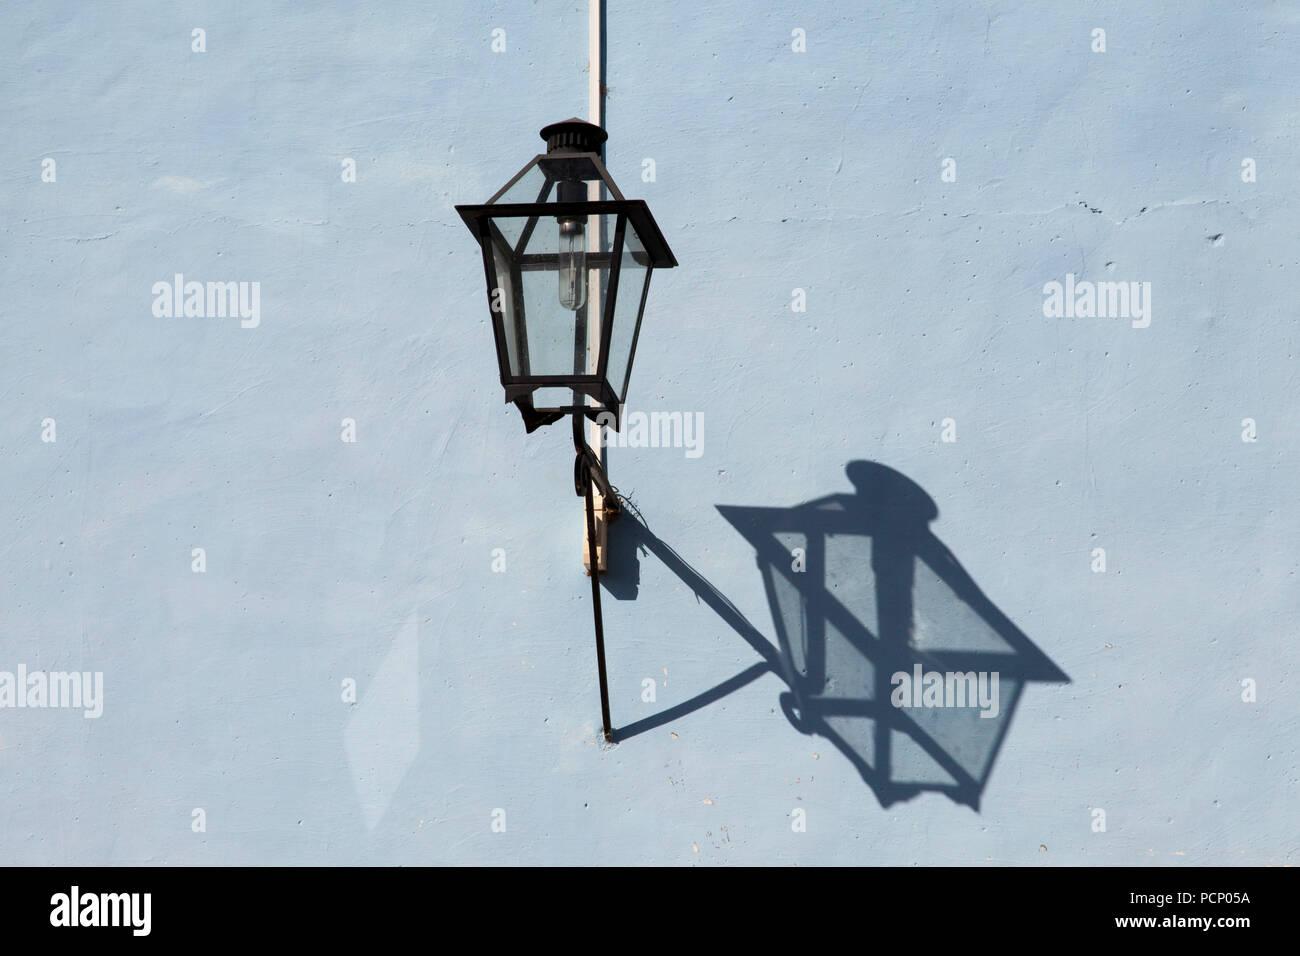 Caraibi, Cuba, Trinidad, nero ombra proiettata da un lampione sulla parete esterna Foto Stock